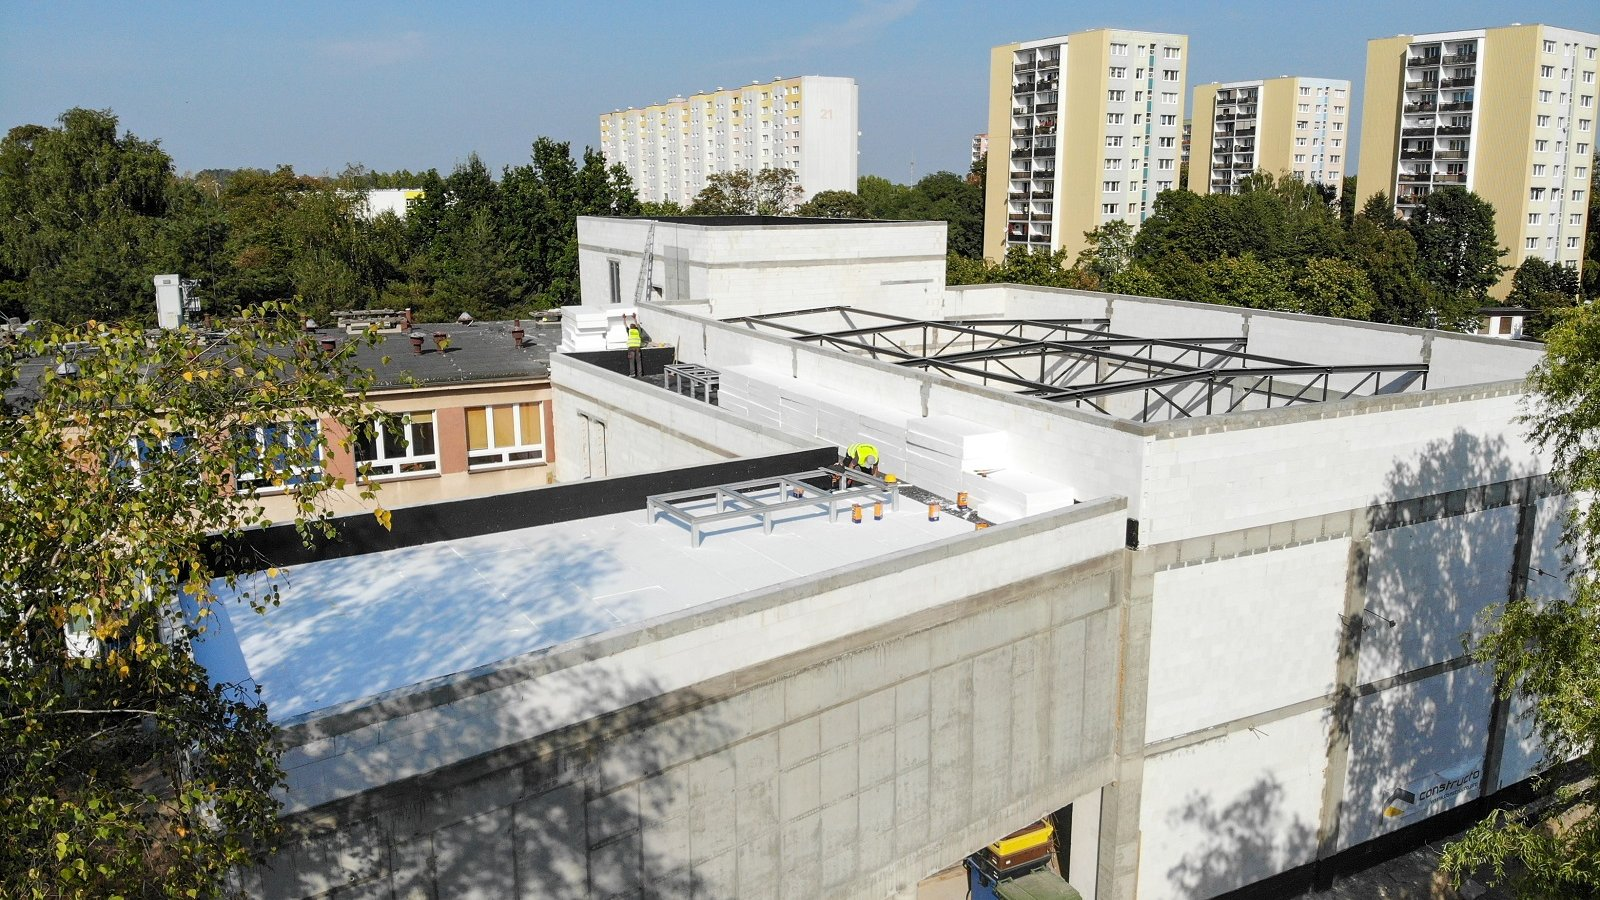 Zdjęcie przedstawia budynek szkoły w trakcie rozbudowy, widziany z góry. W tle znajdują się bloki. - grafika artykułu